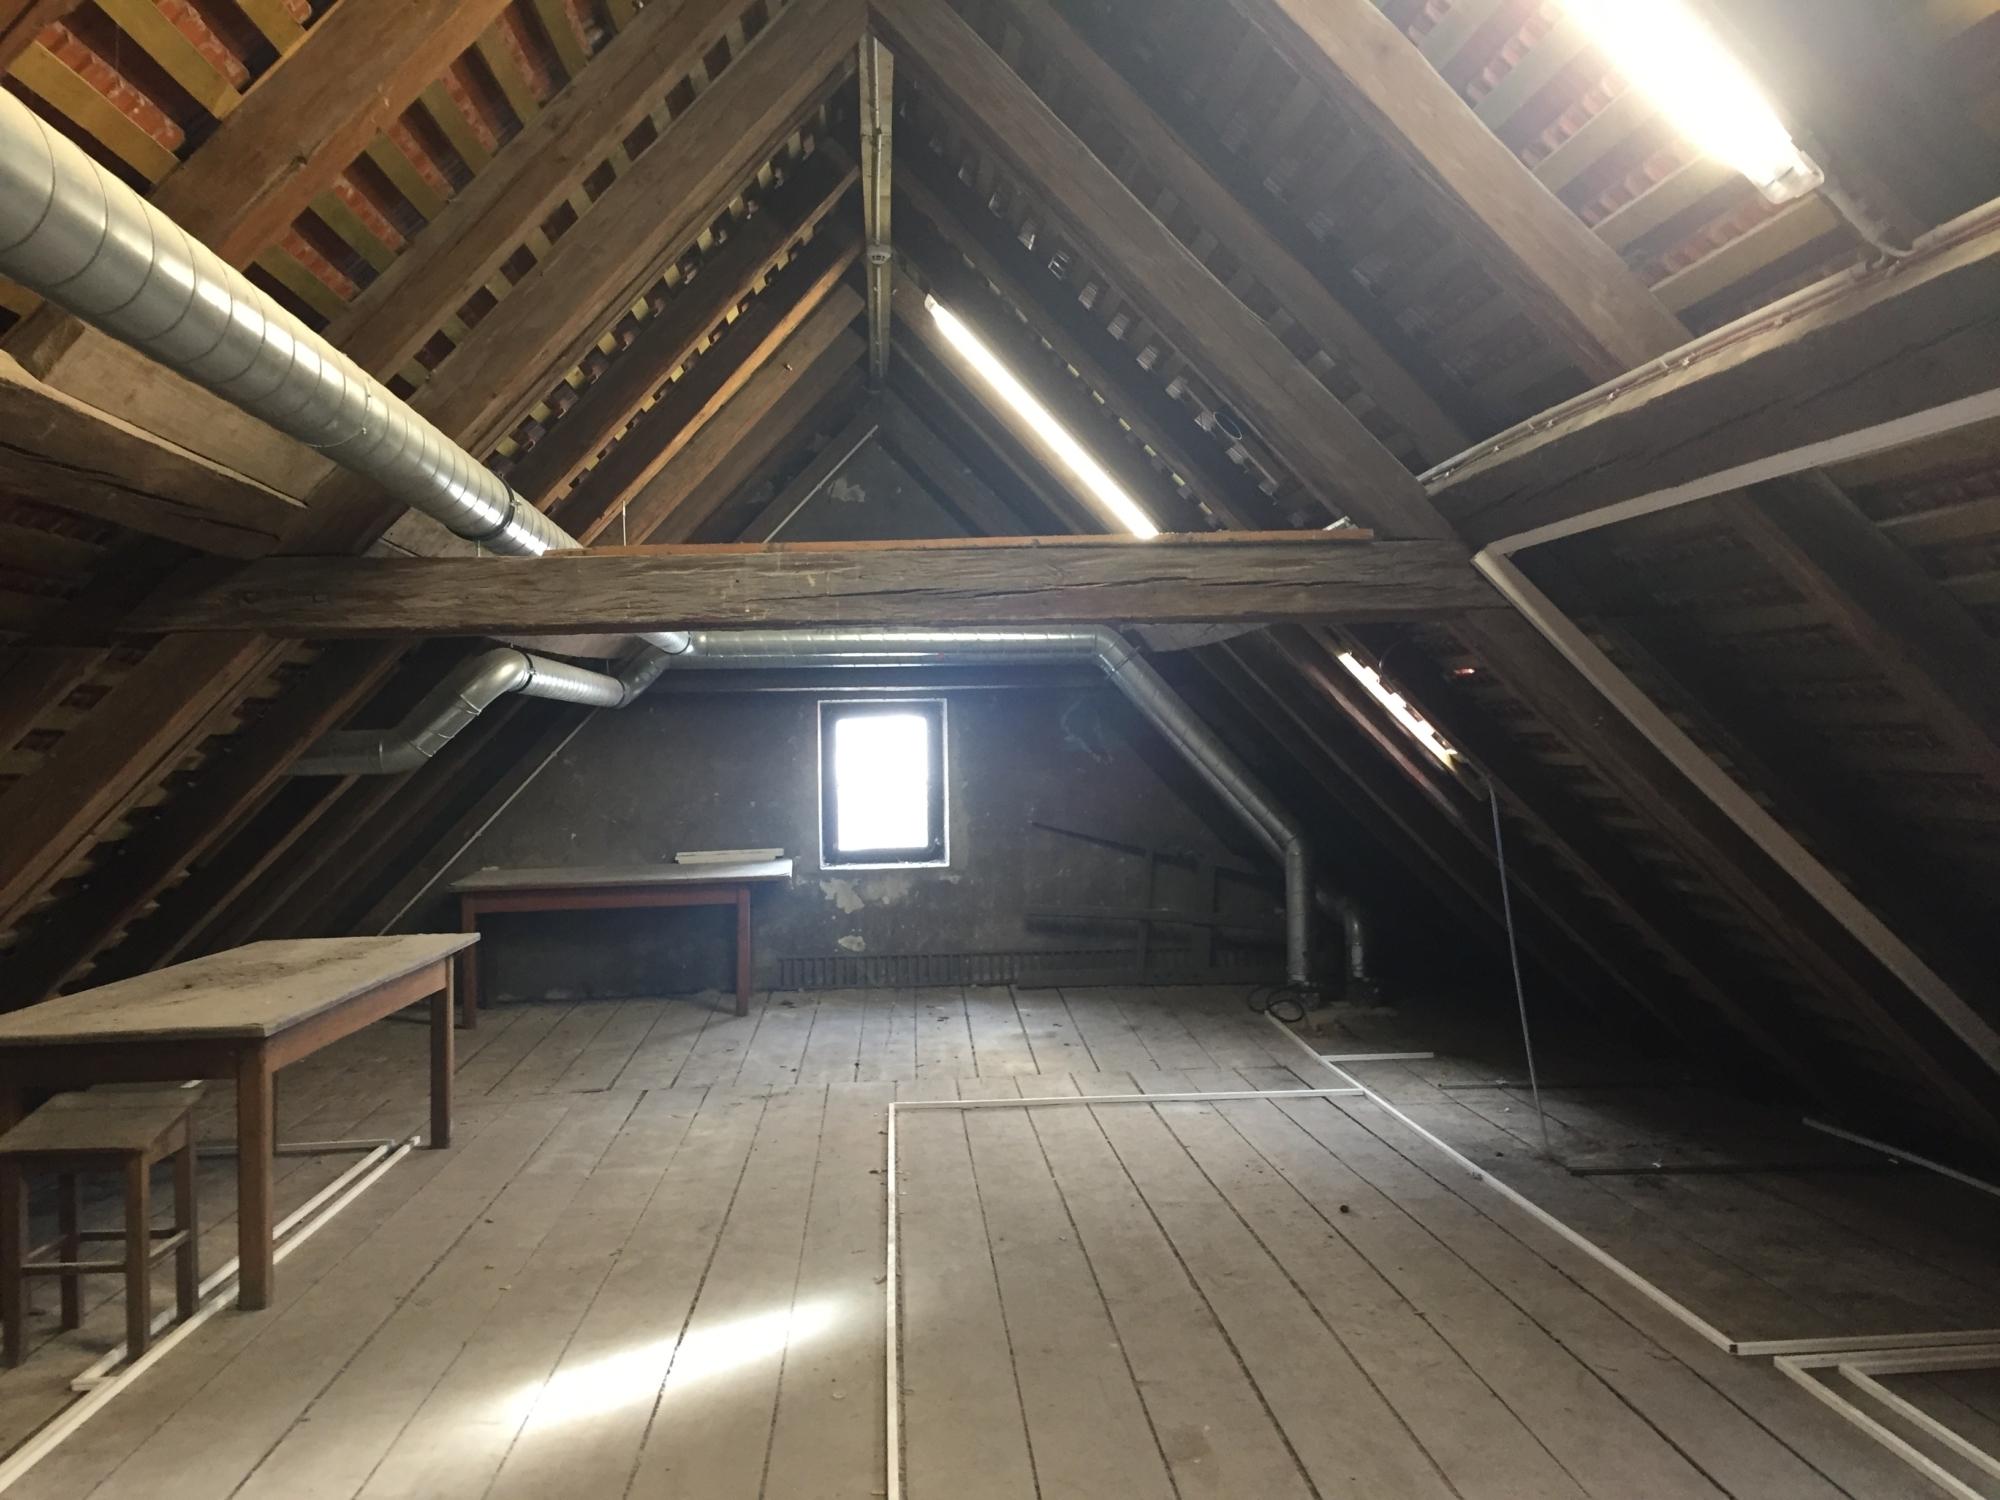 Dachboden St. Max